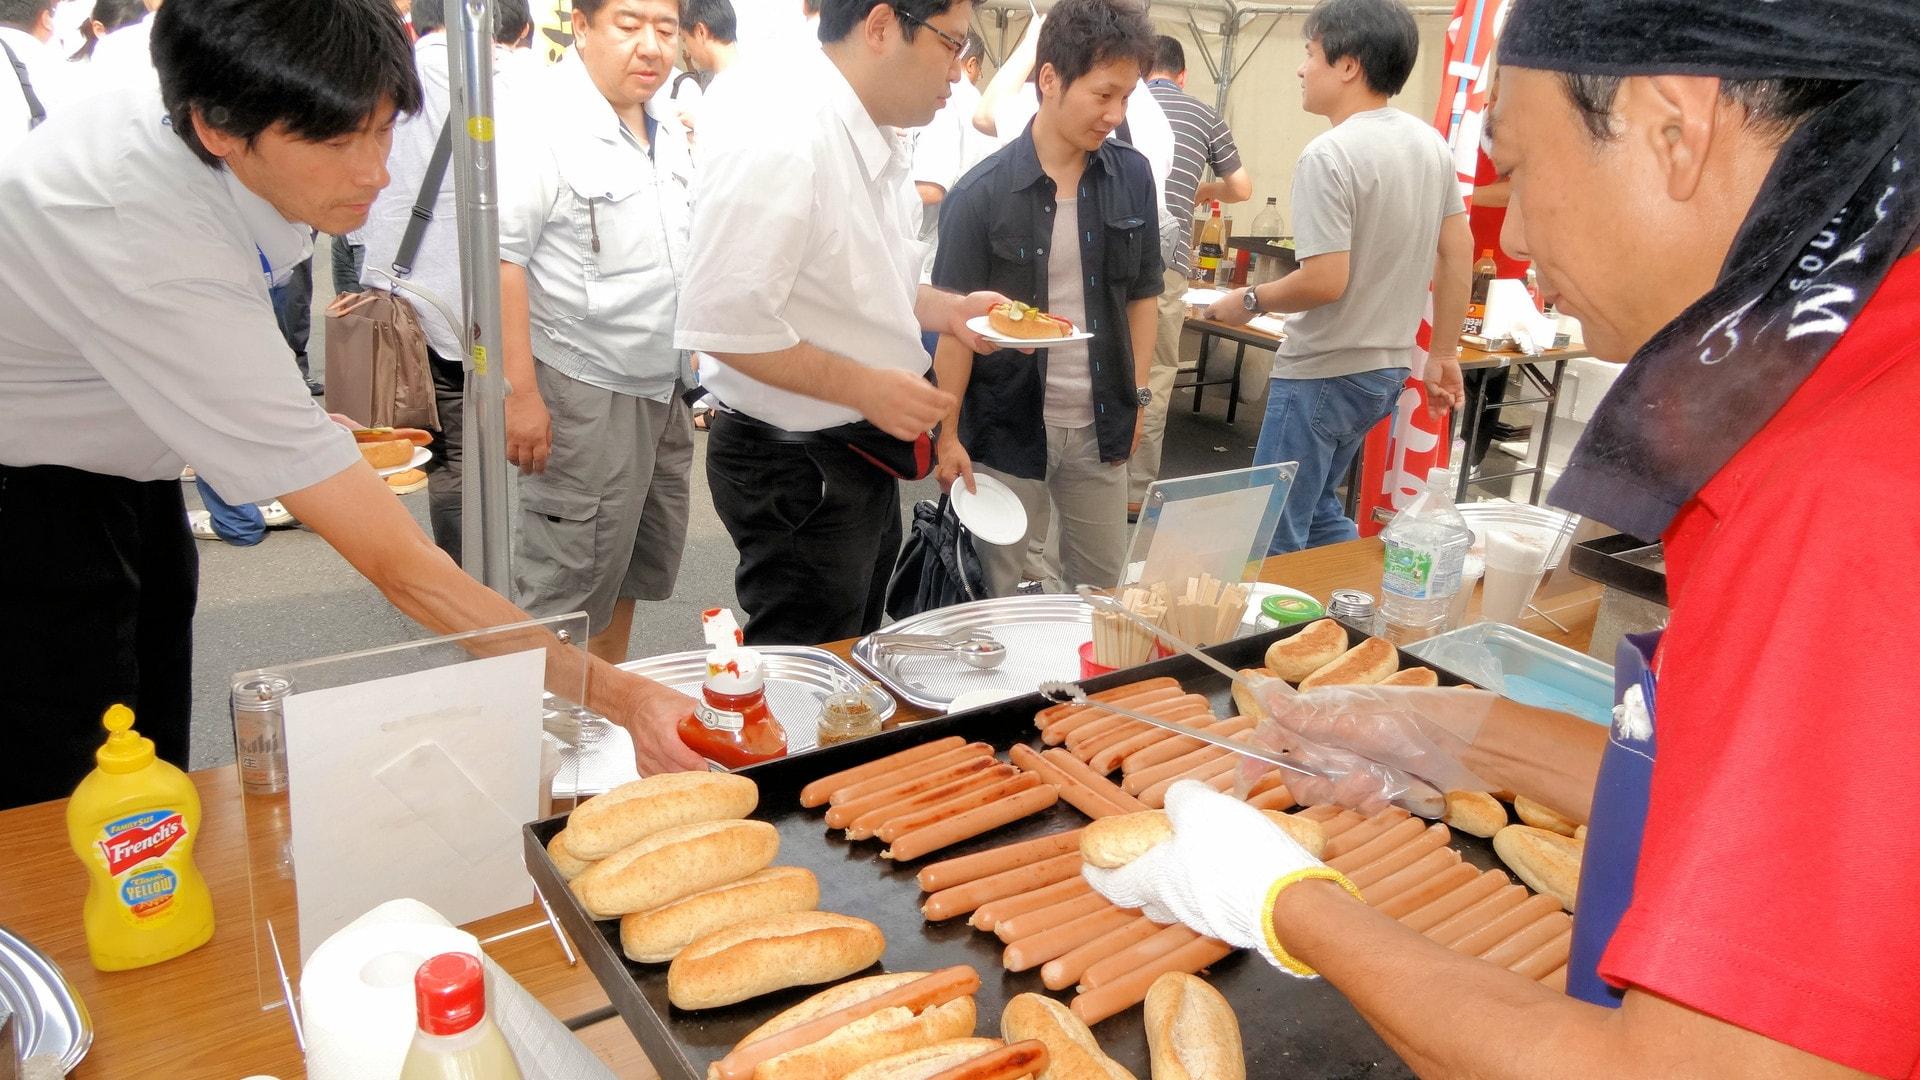 出張ケータリング屋台バーベキュー納涼会・暑気払いパーティー鉄板焼き料理プラン #2